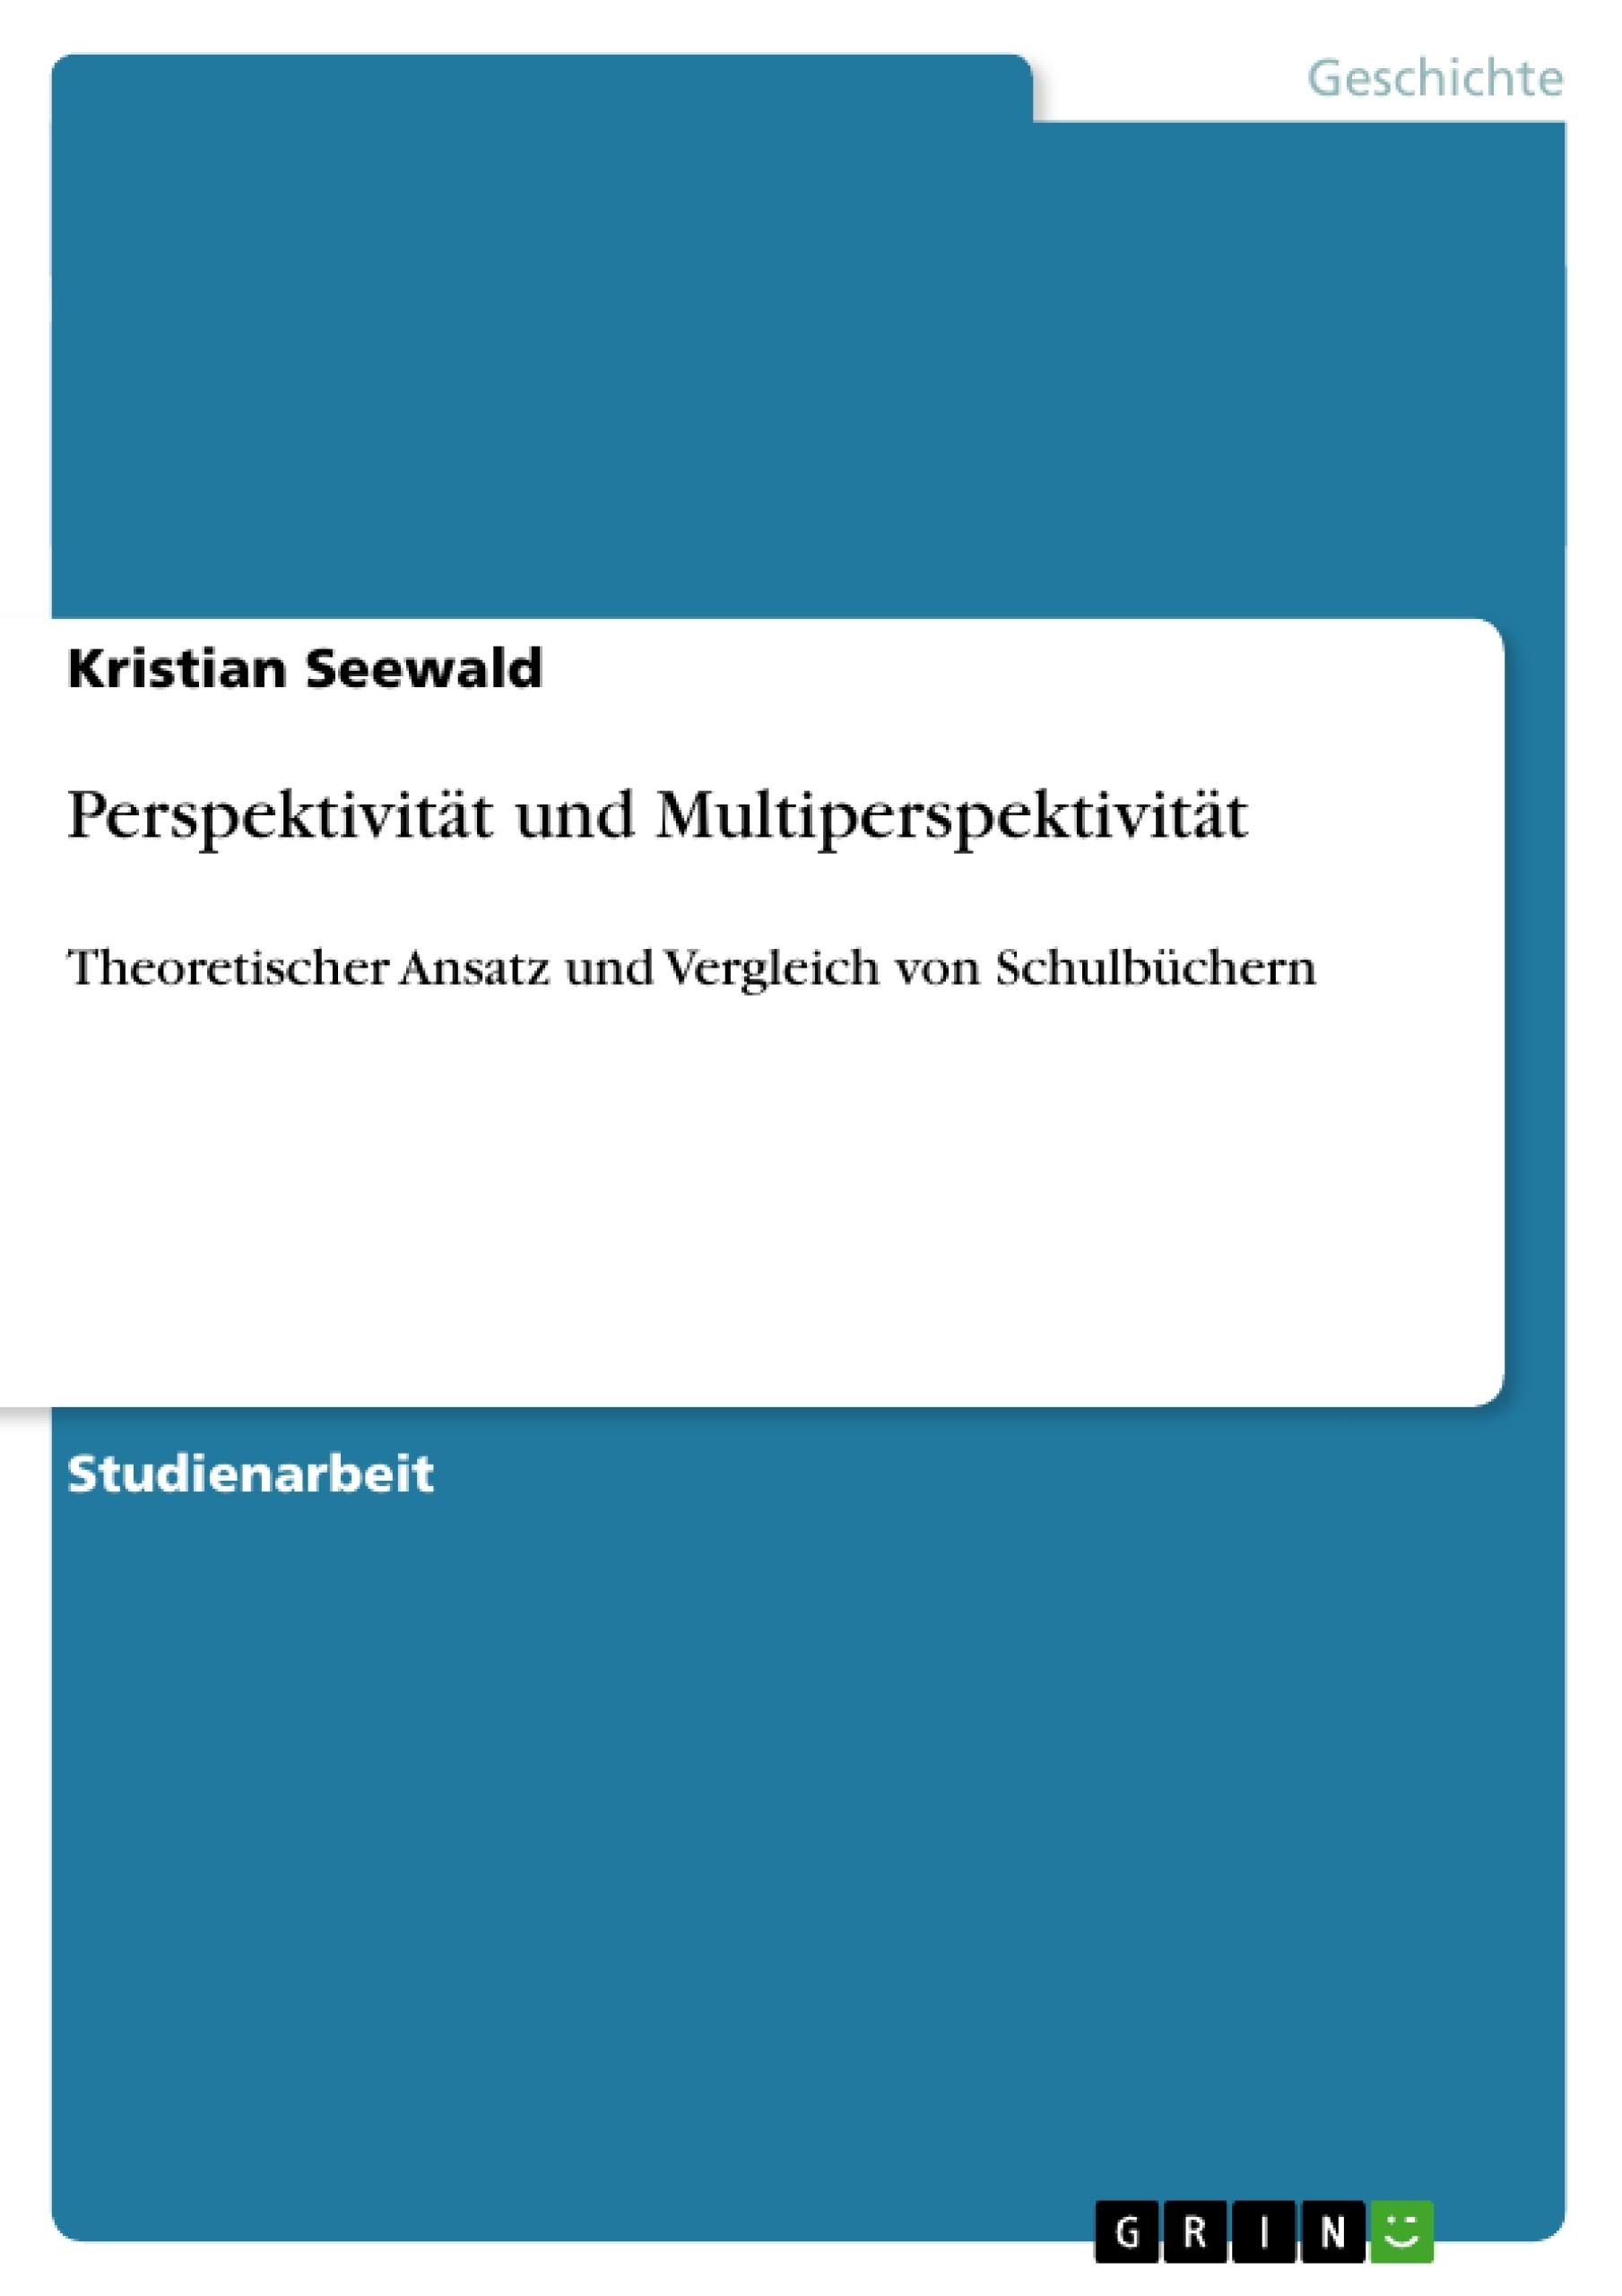 Titel: Perspektivität und Multiperspektivität